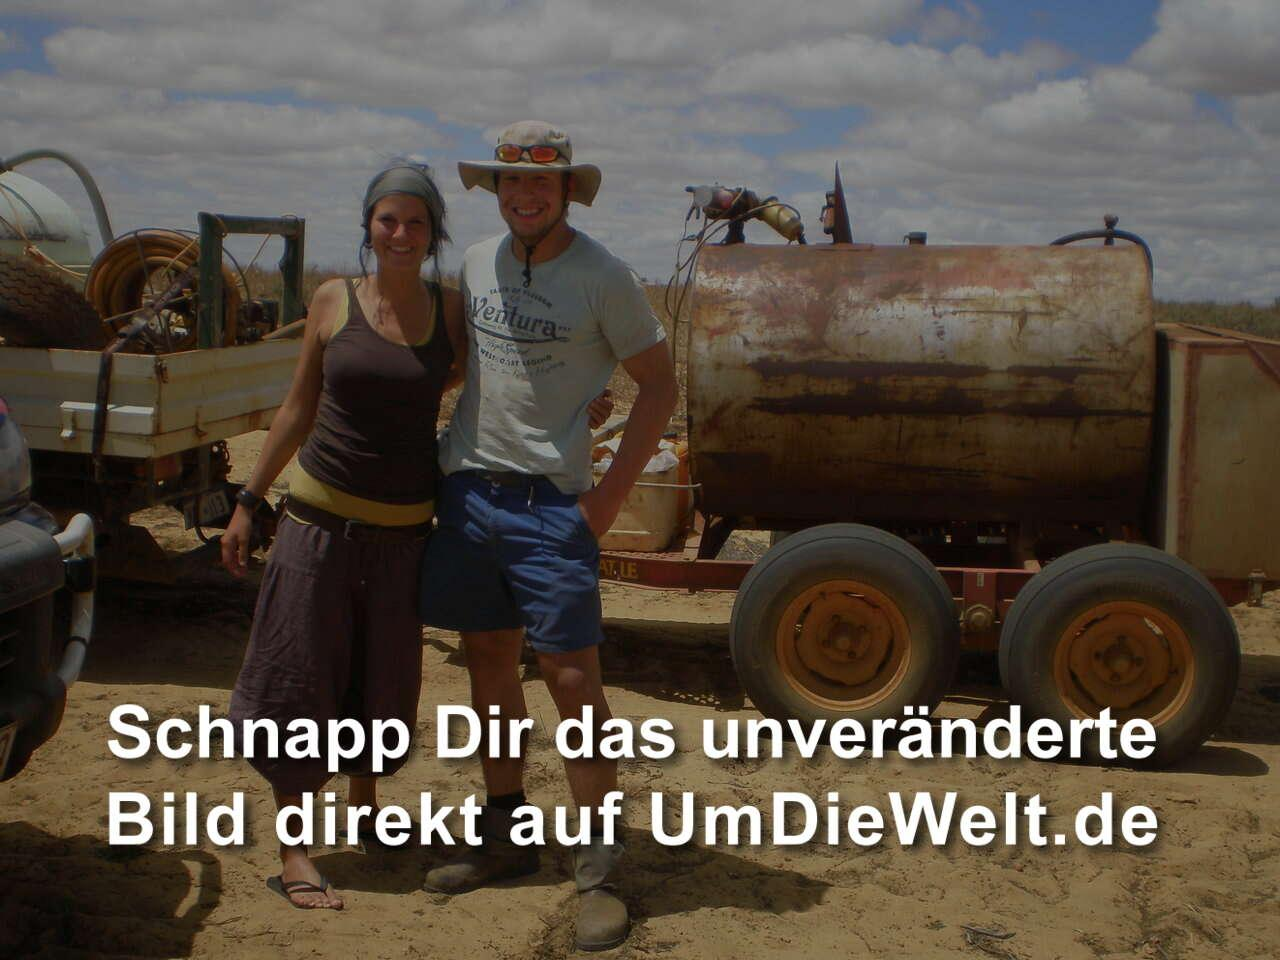 Farmers Bekanntschaften Australien Des Die Webseite Halten Der Sie Für